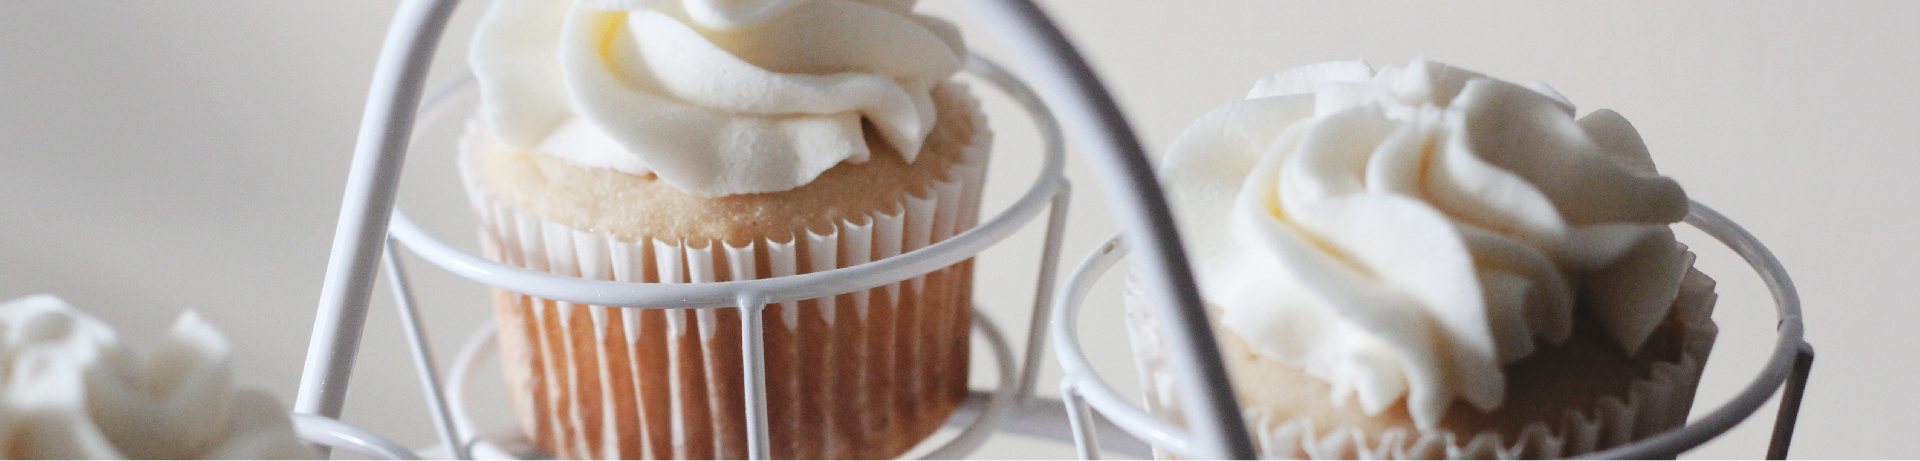 cupcake-bg